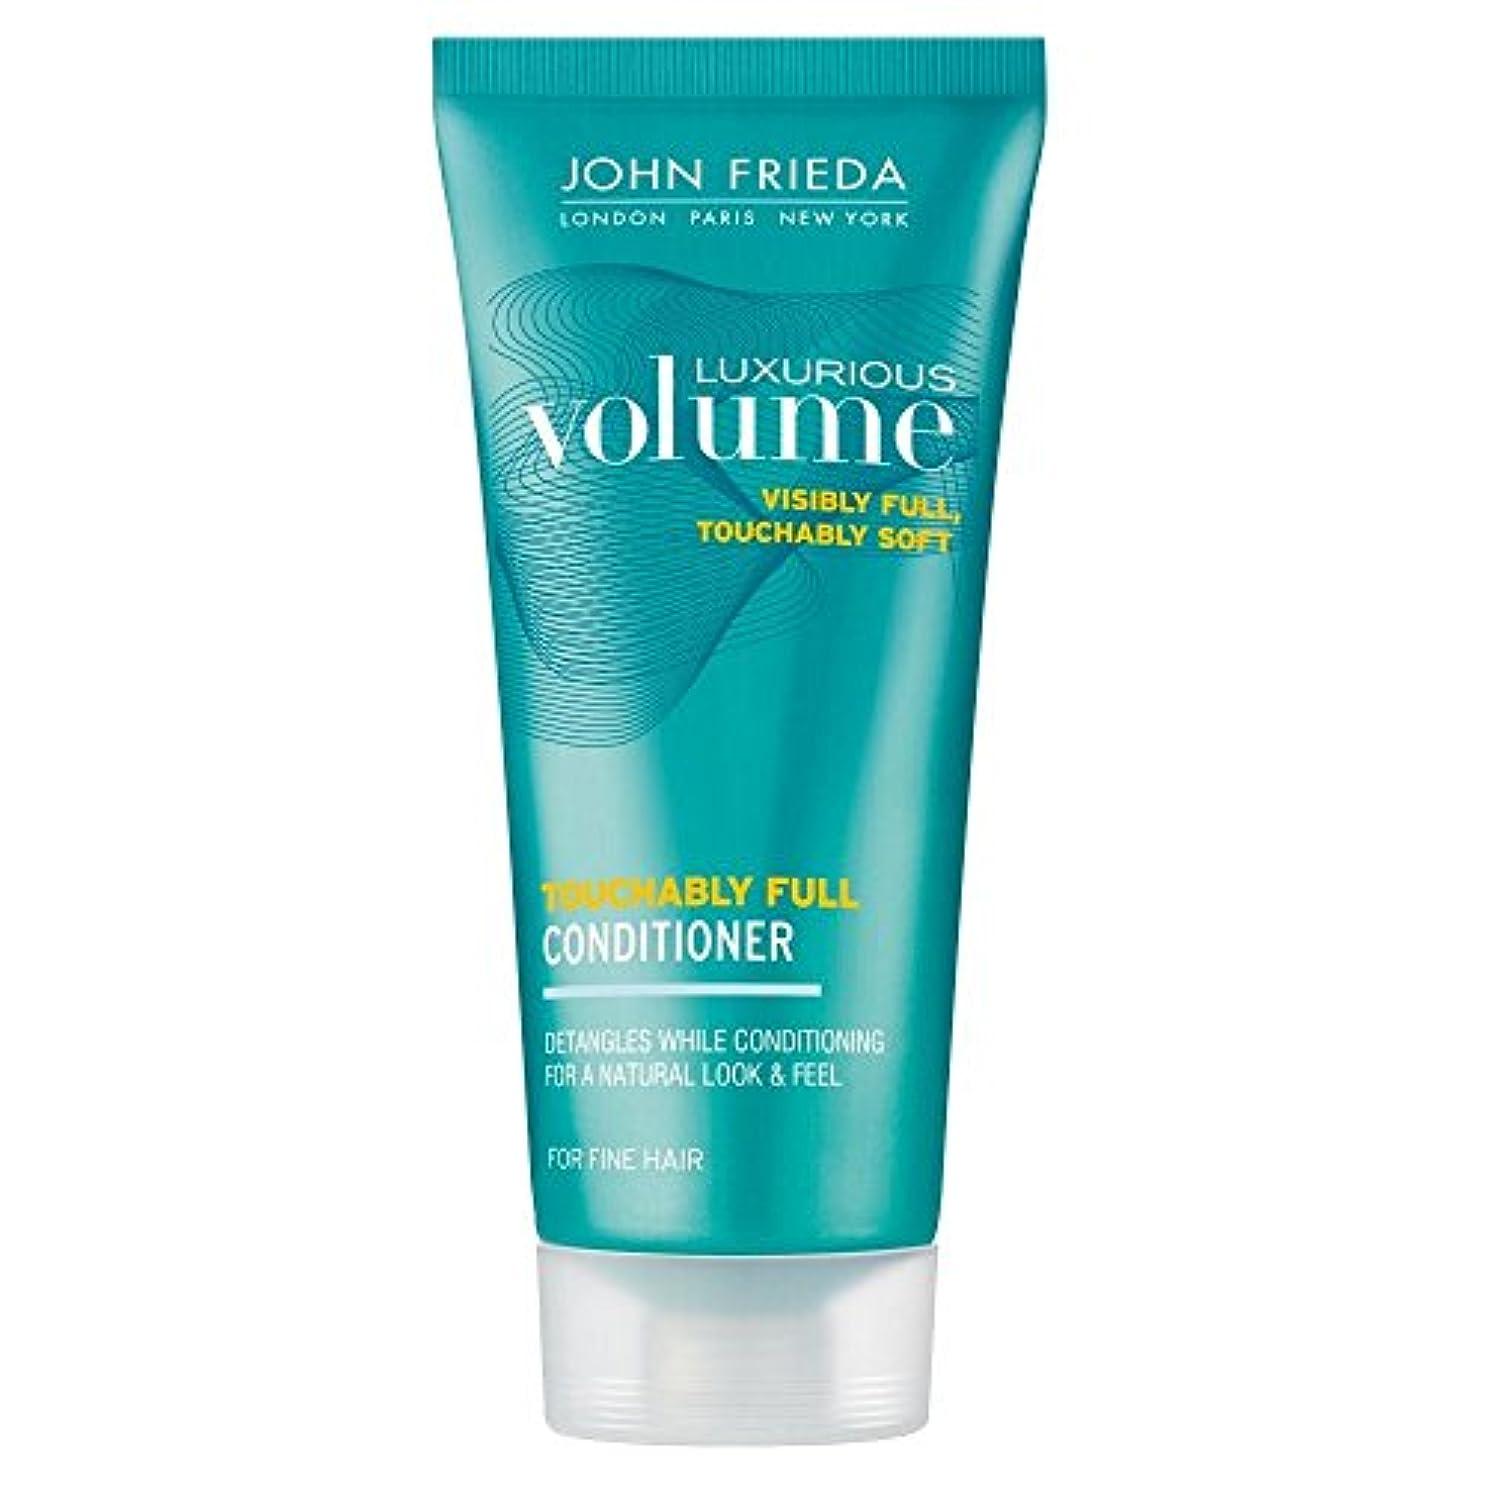 フェッチ周囲取り壊すJohn Frieda Luxurious Volume Thickening Conditioner (50ml) ジョン?フリーダ豪華なボリューム増粘コンディショナー( 50ミリリットル) [並行輸入品]